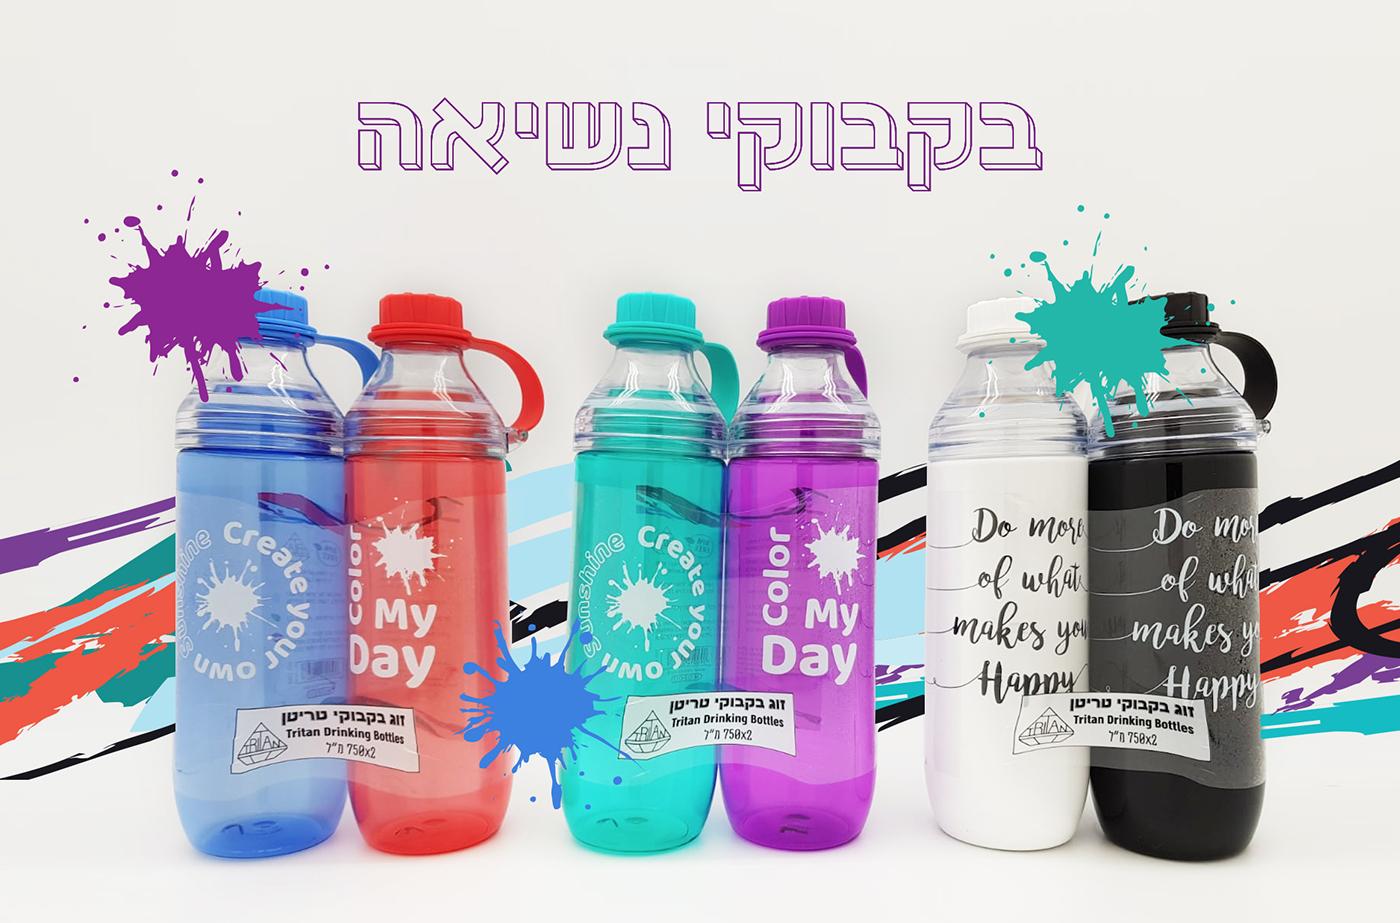 מוסקו, בקבוק נשיאה, עיצוב אריזה, עיצוב לייבל, עיצוב מוצר, עיצוב תגית